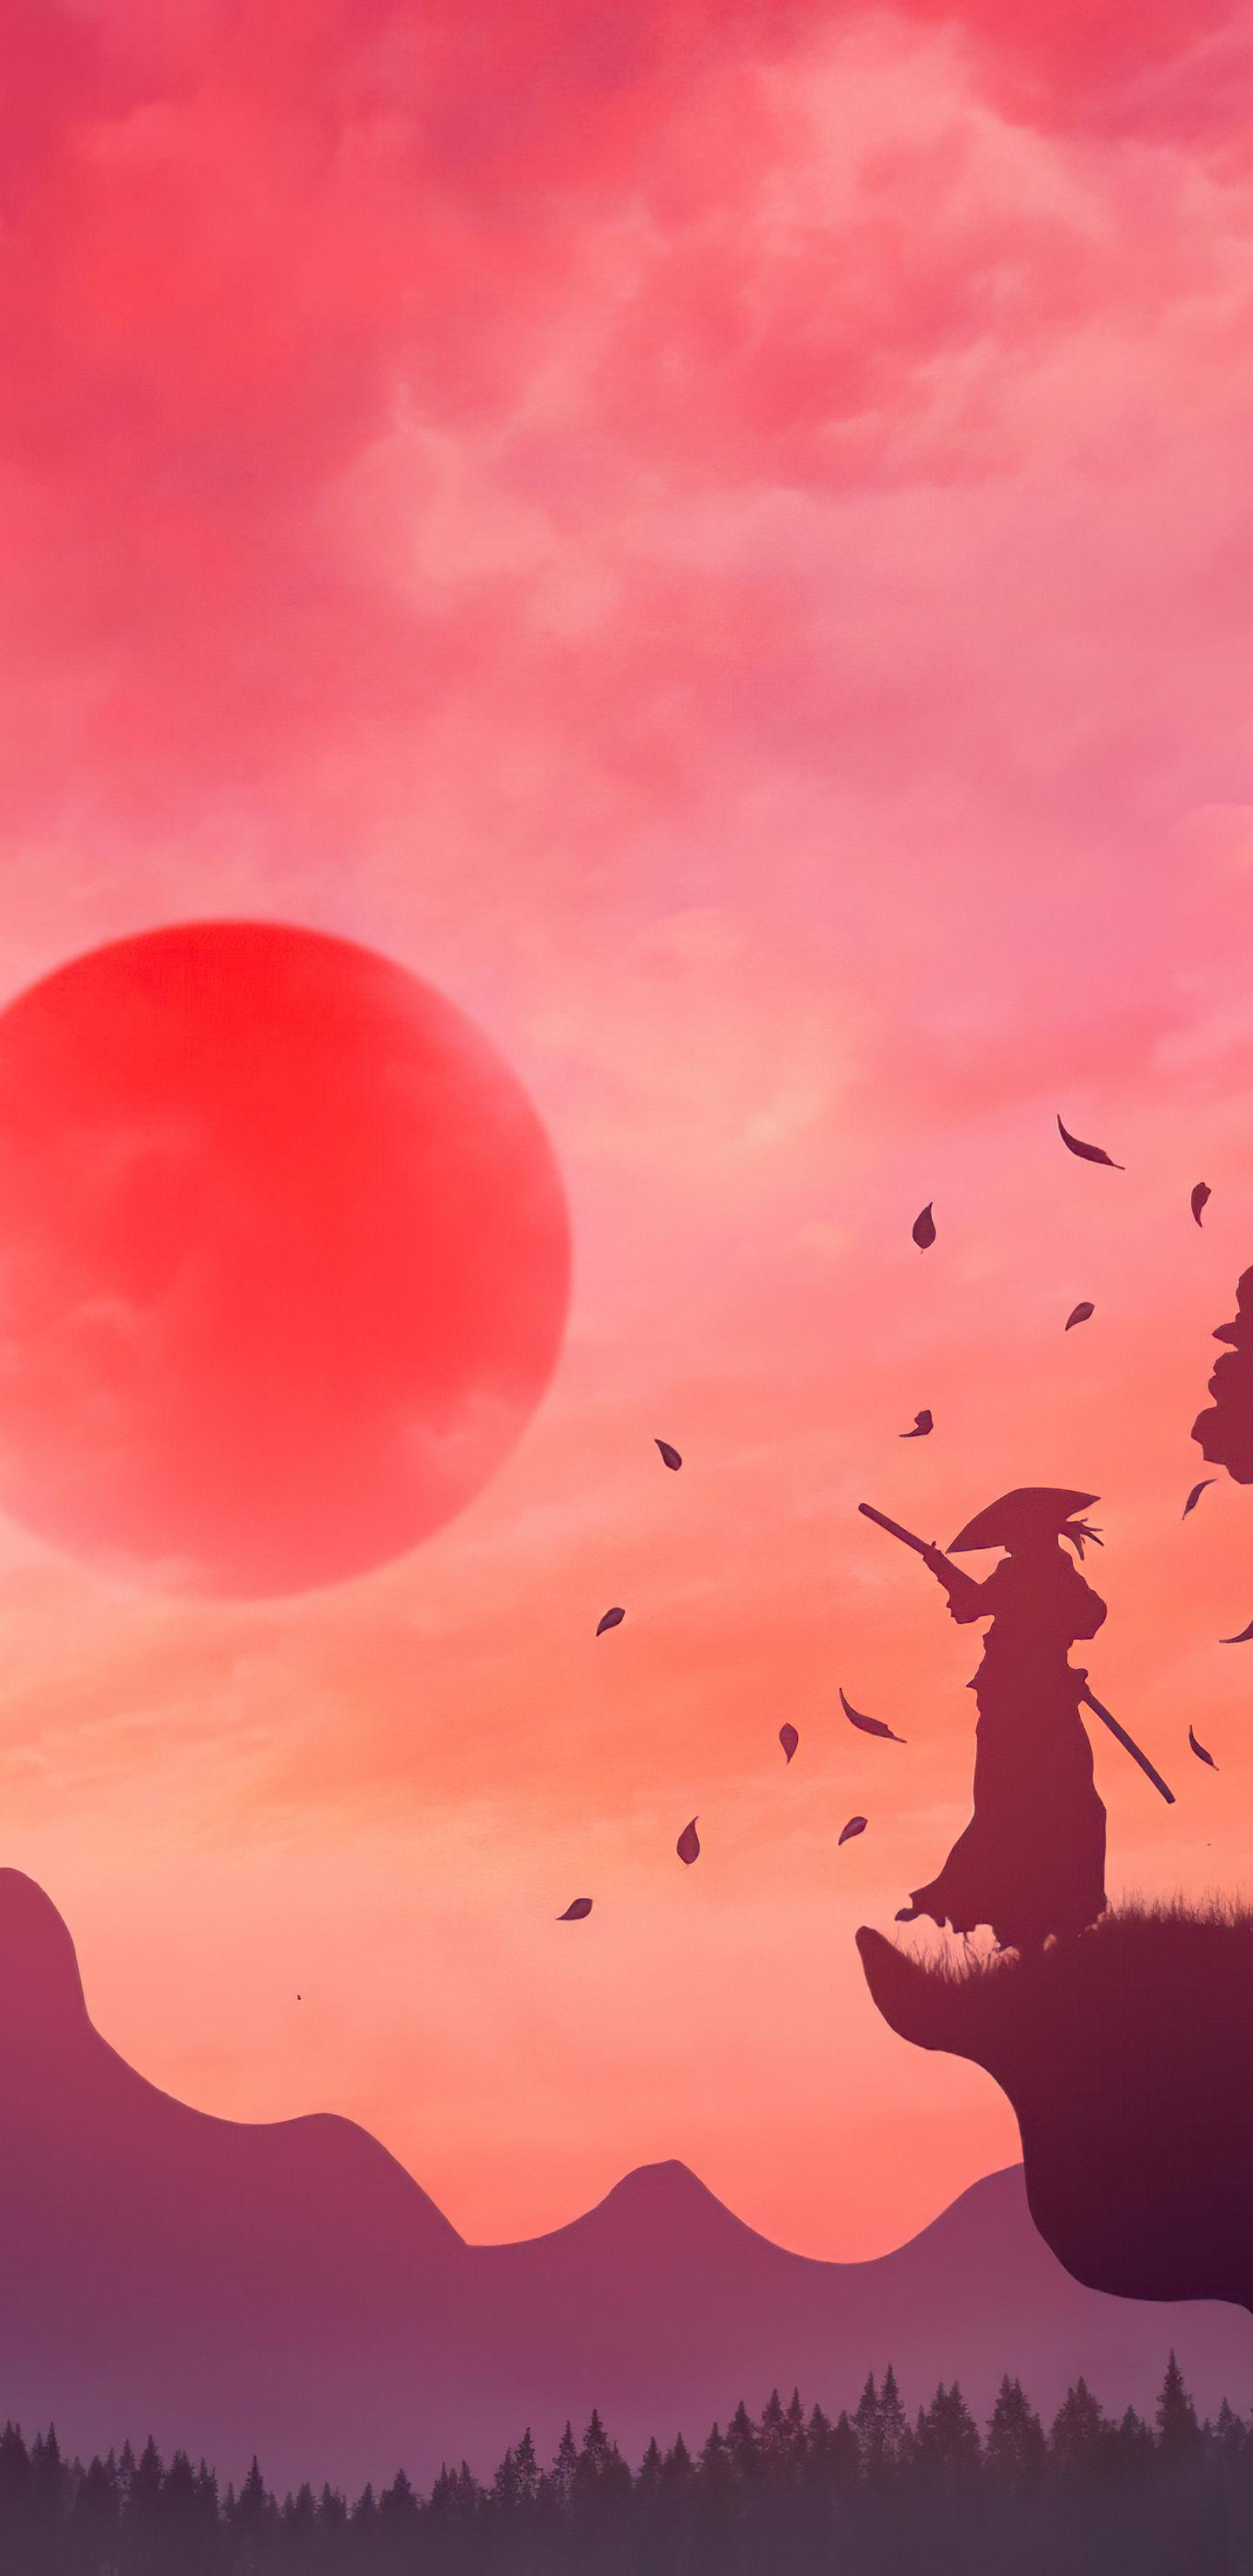 the-last-samurai-minimal-5k-zz.jpg